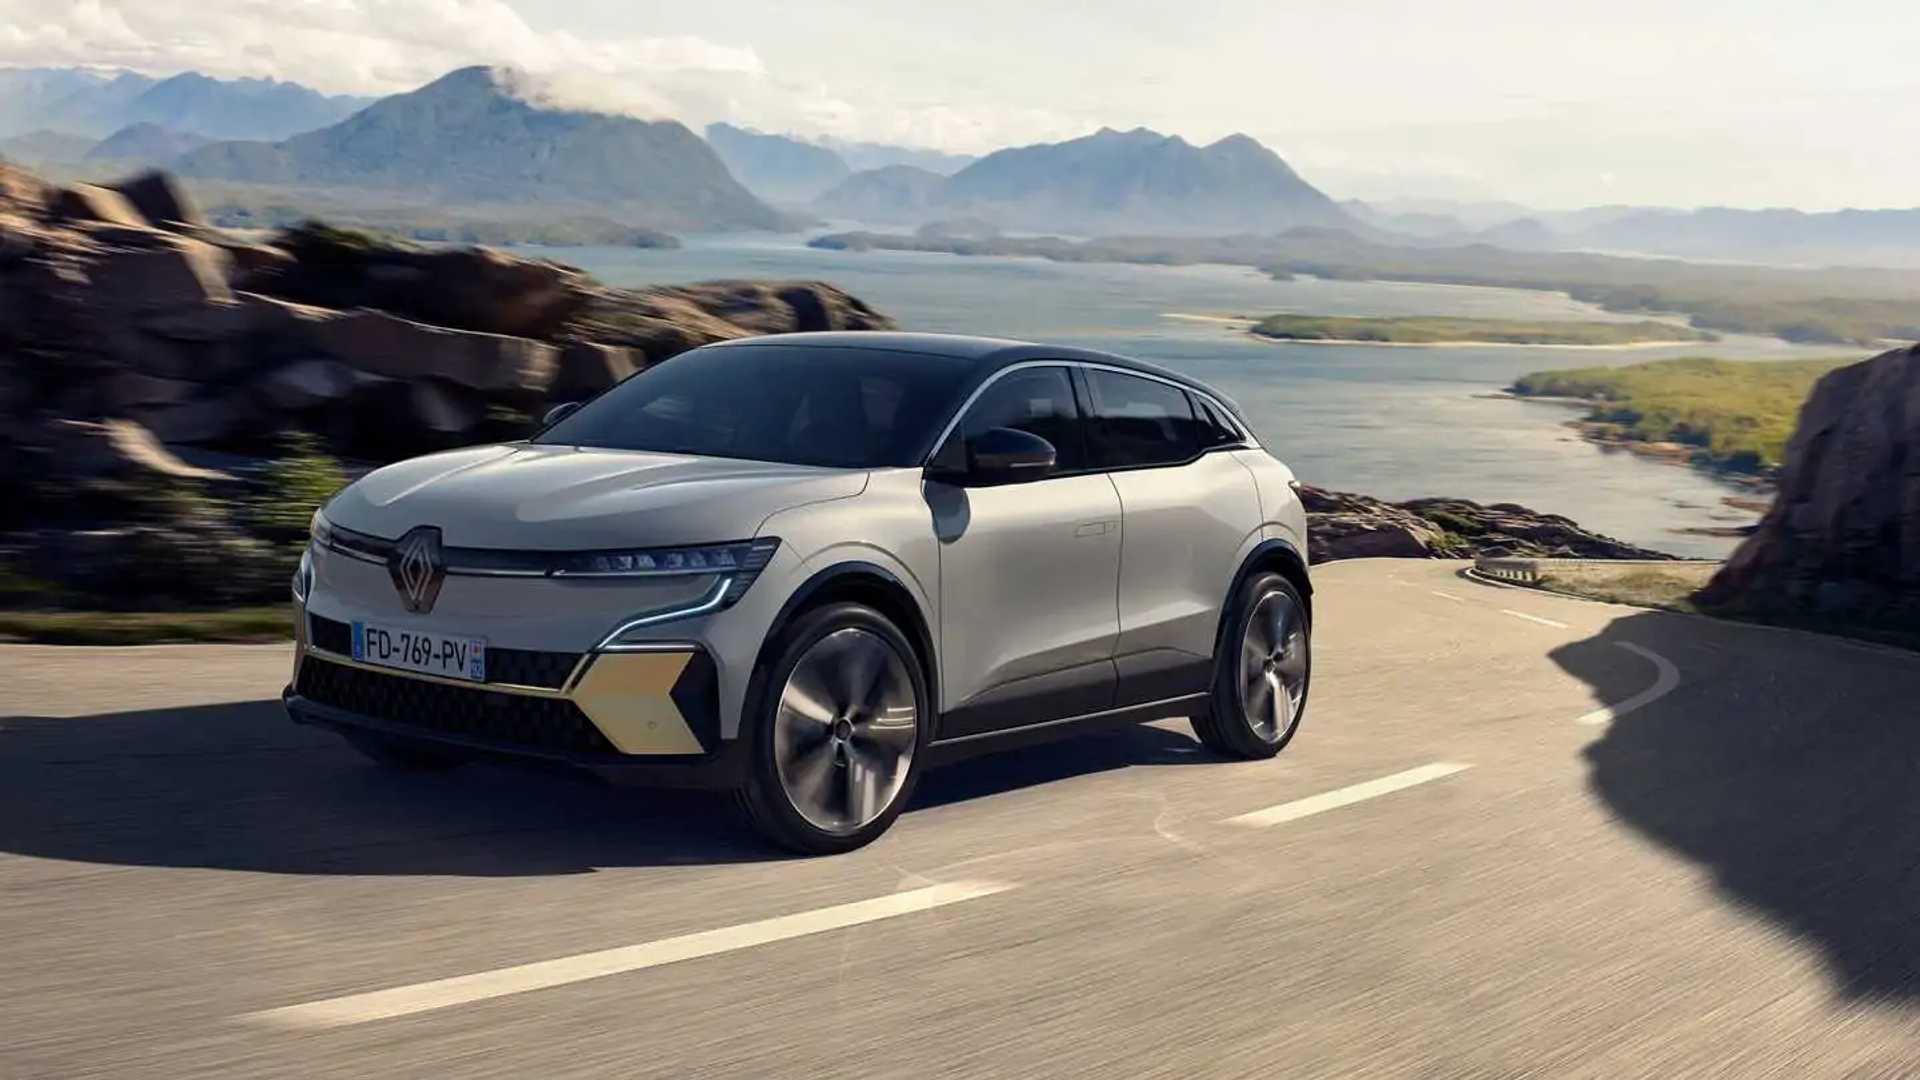 Renault Megane elétrico faz estreia oficial; veja fotos e dados